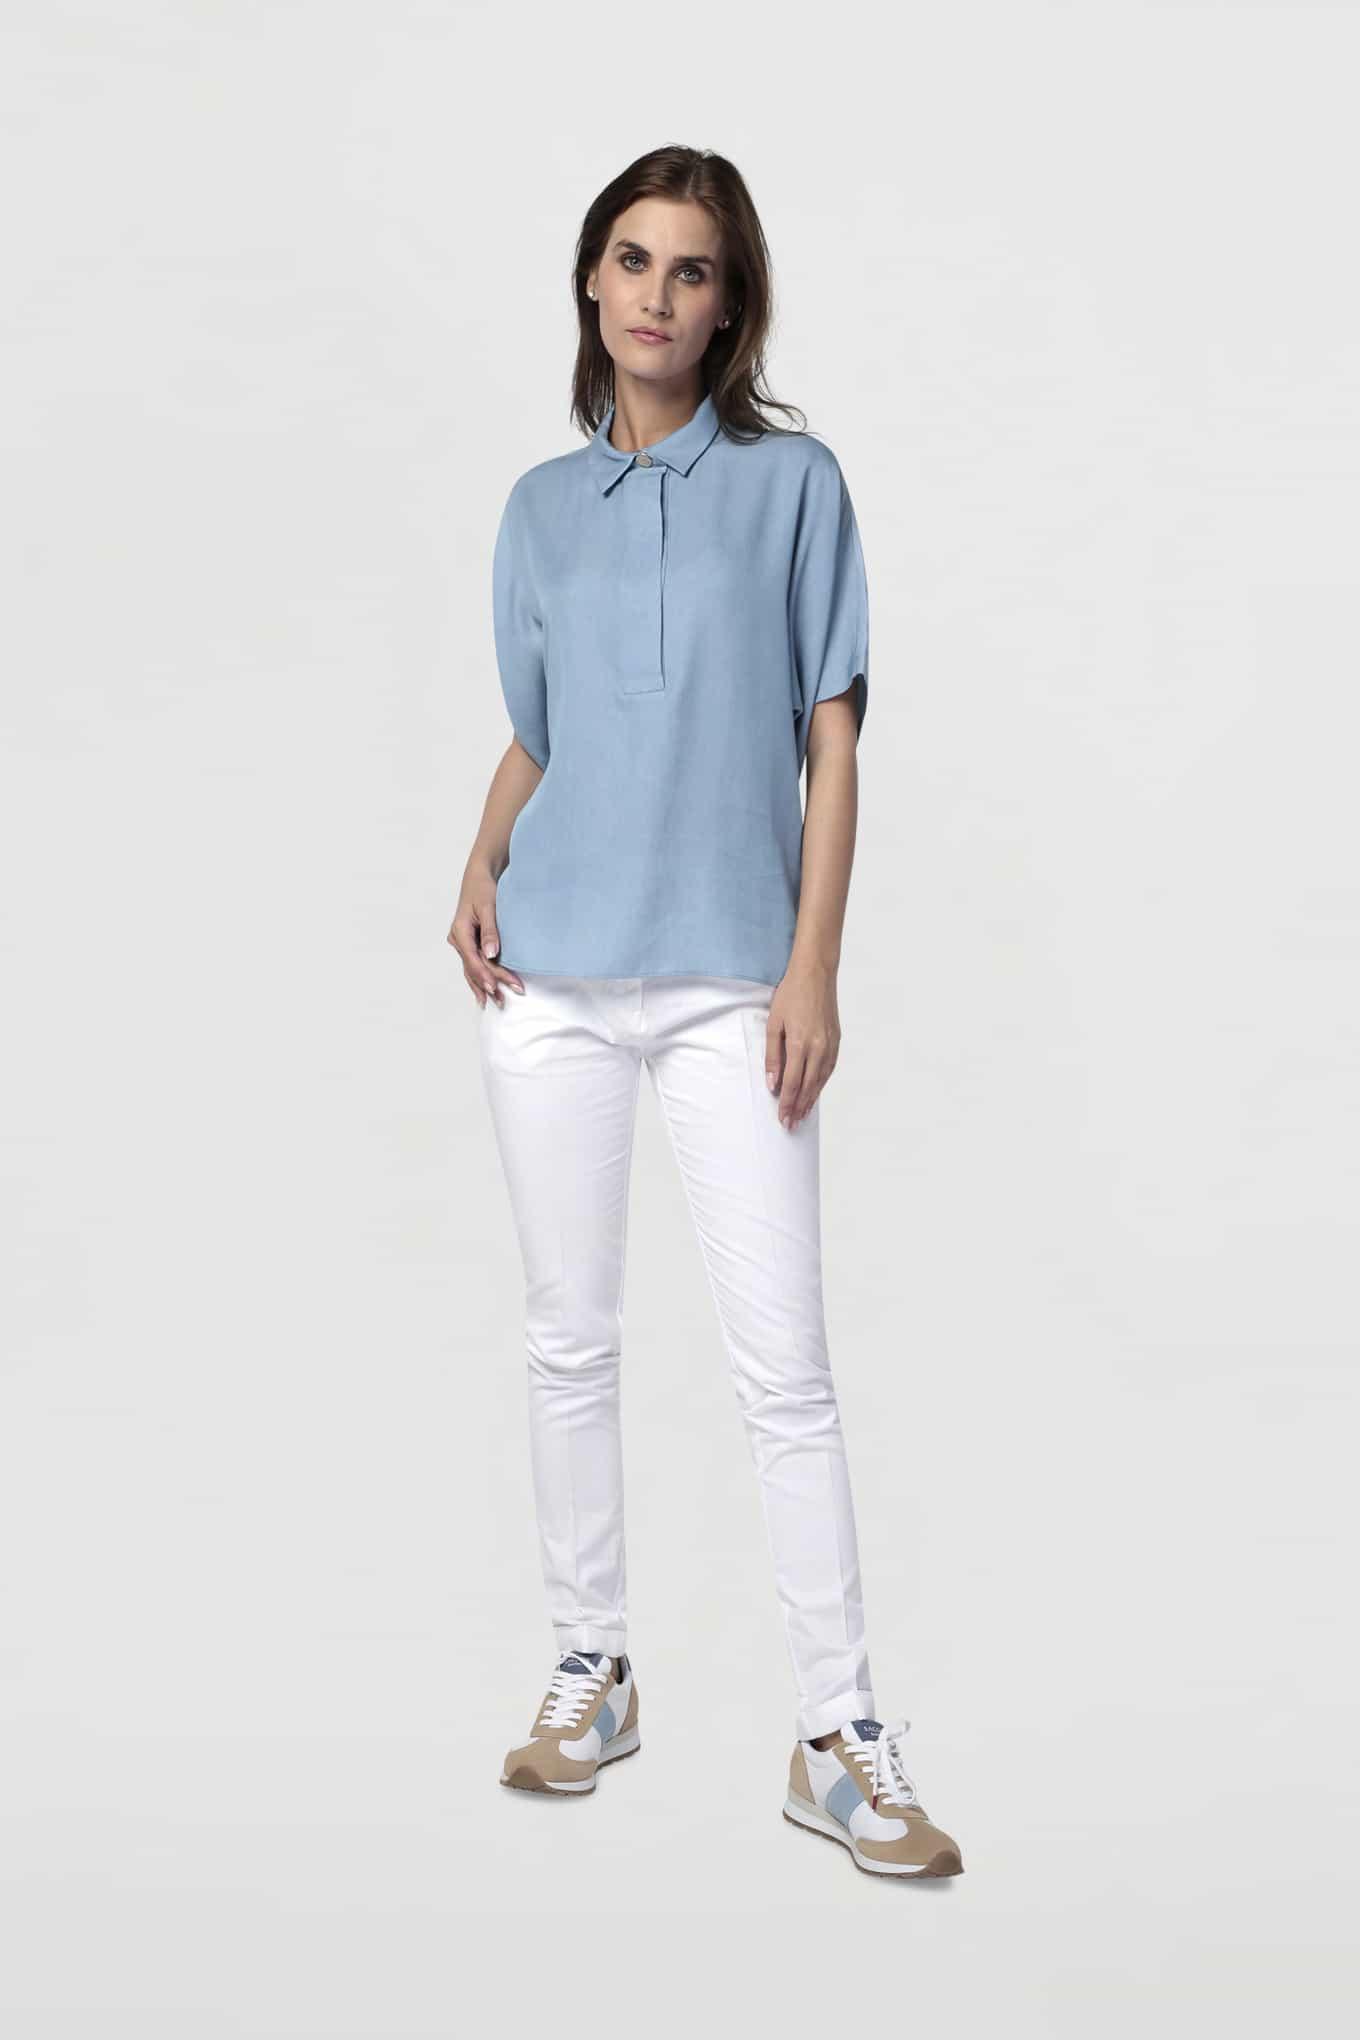 Calças Chino Branco Casual Mulher